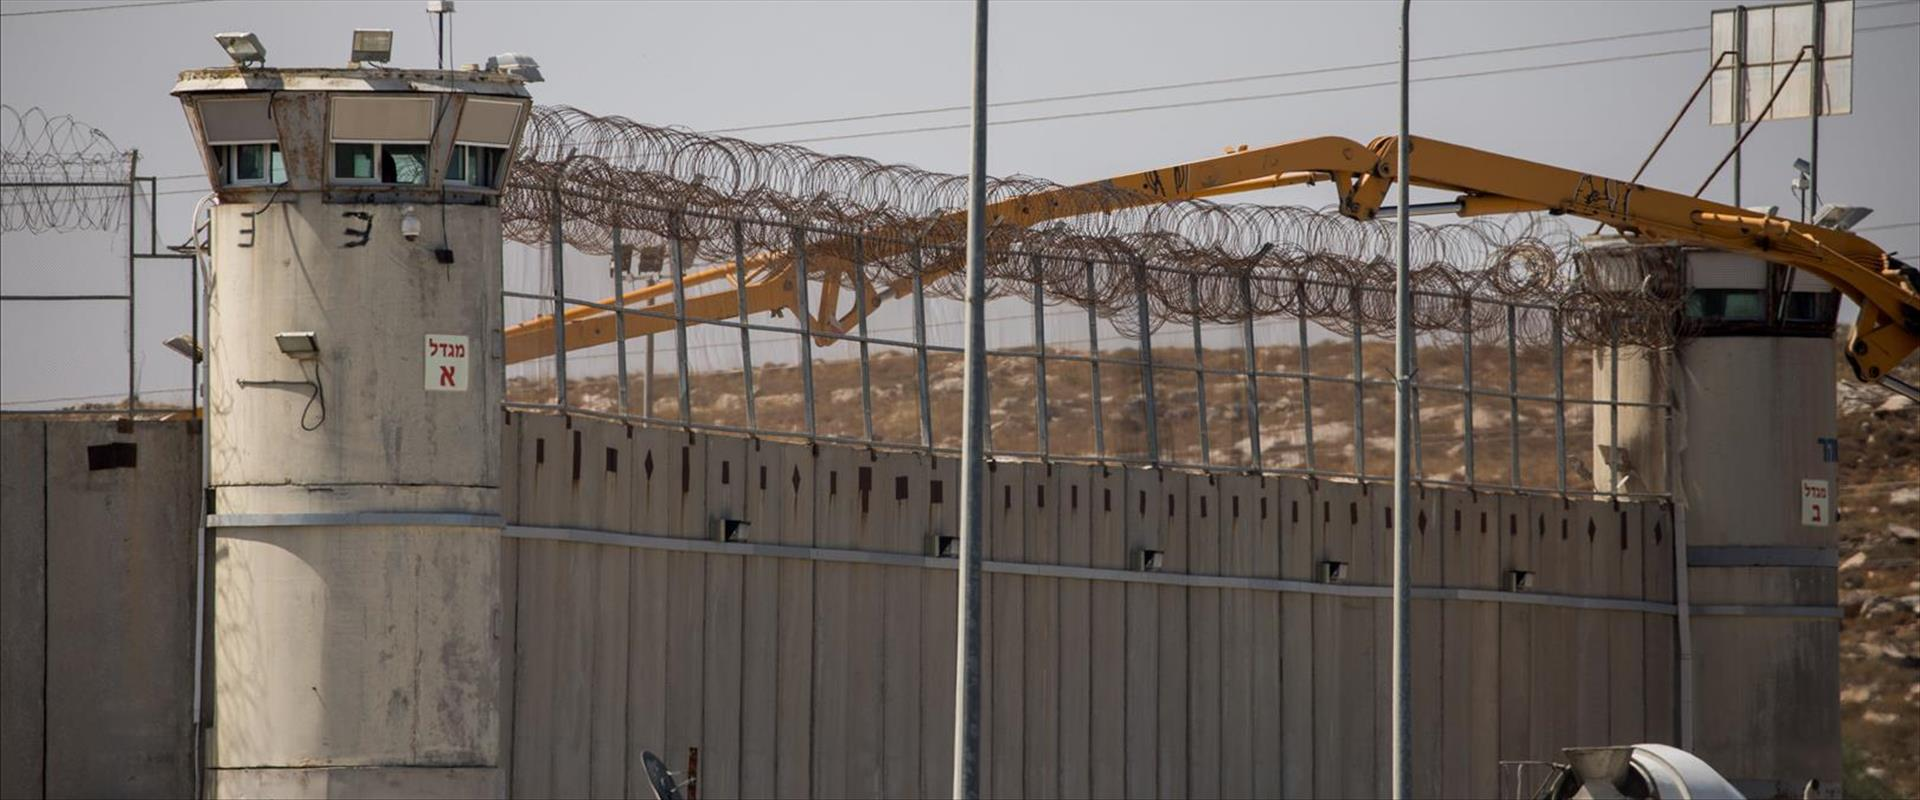 כלא לאסירים ביטחוניים